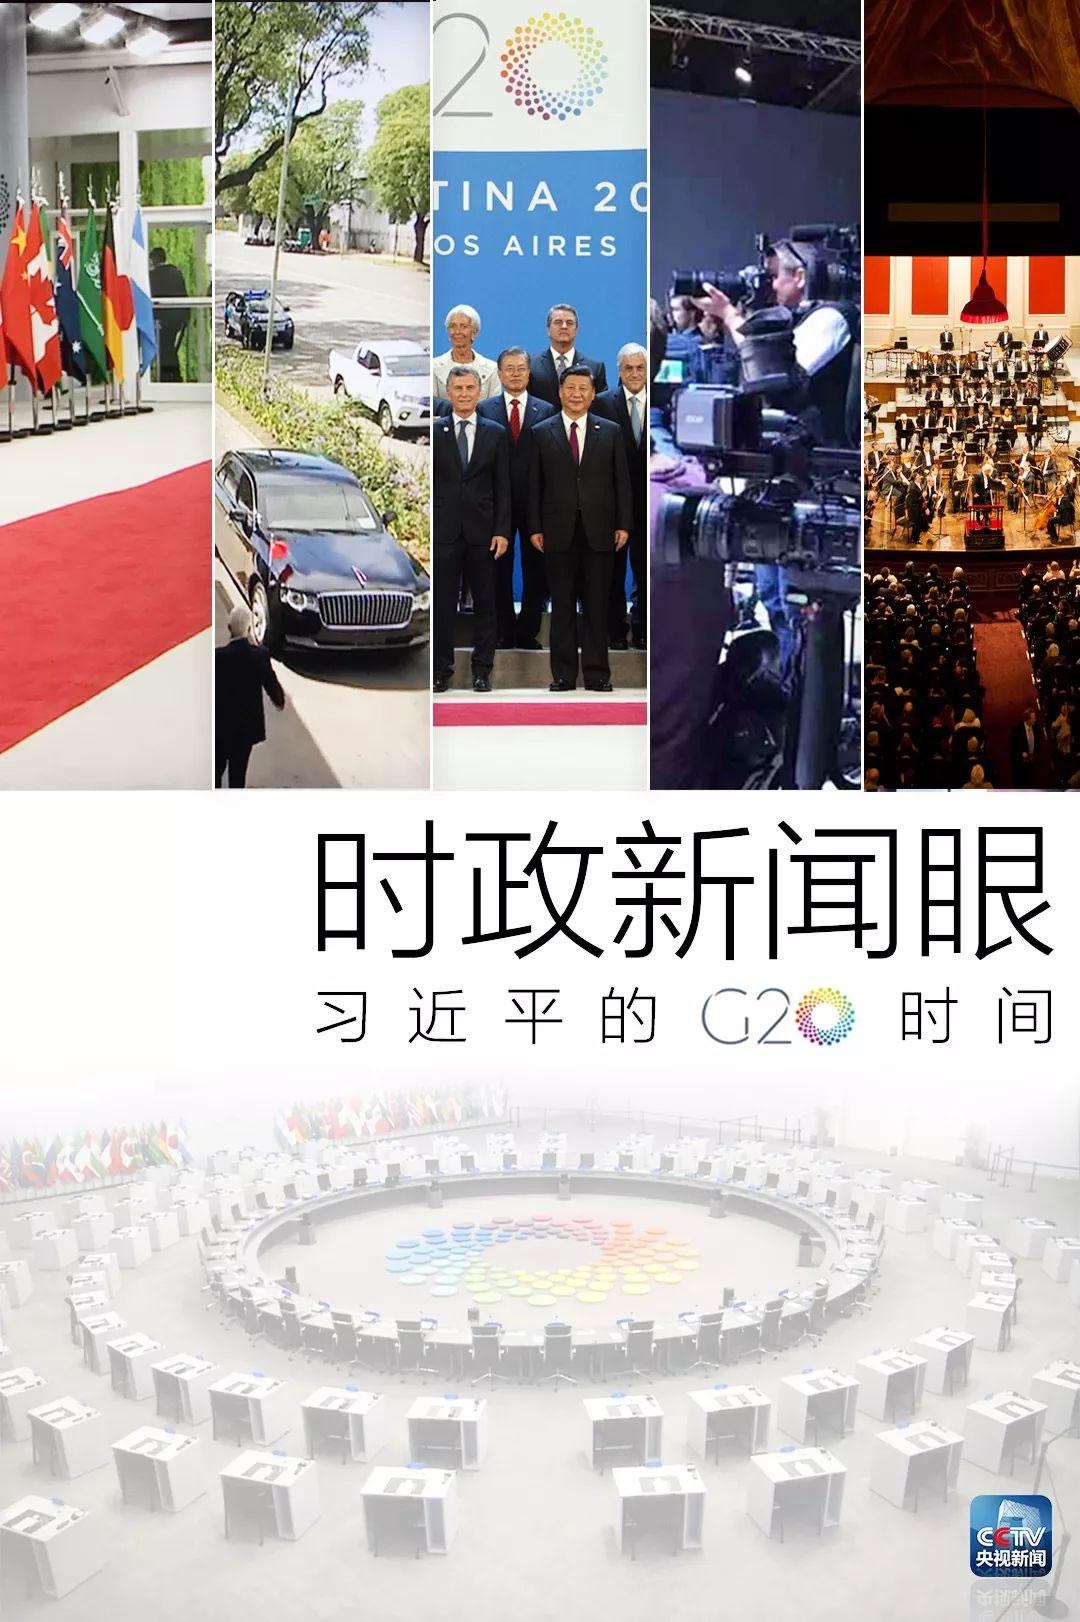 时政新闻眼 | G20峰会上,习近平提到这两个10周年启示了什么